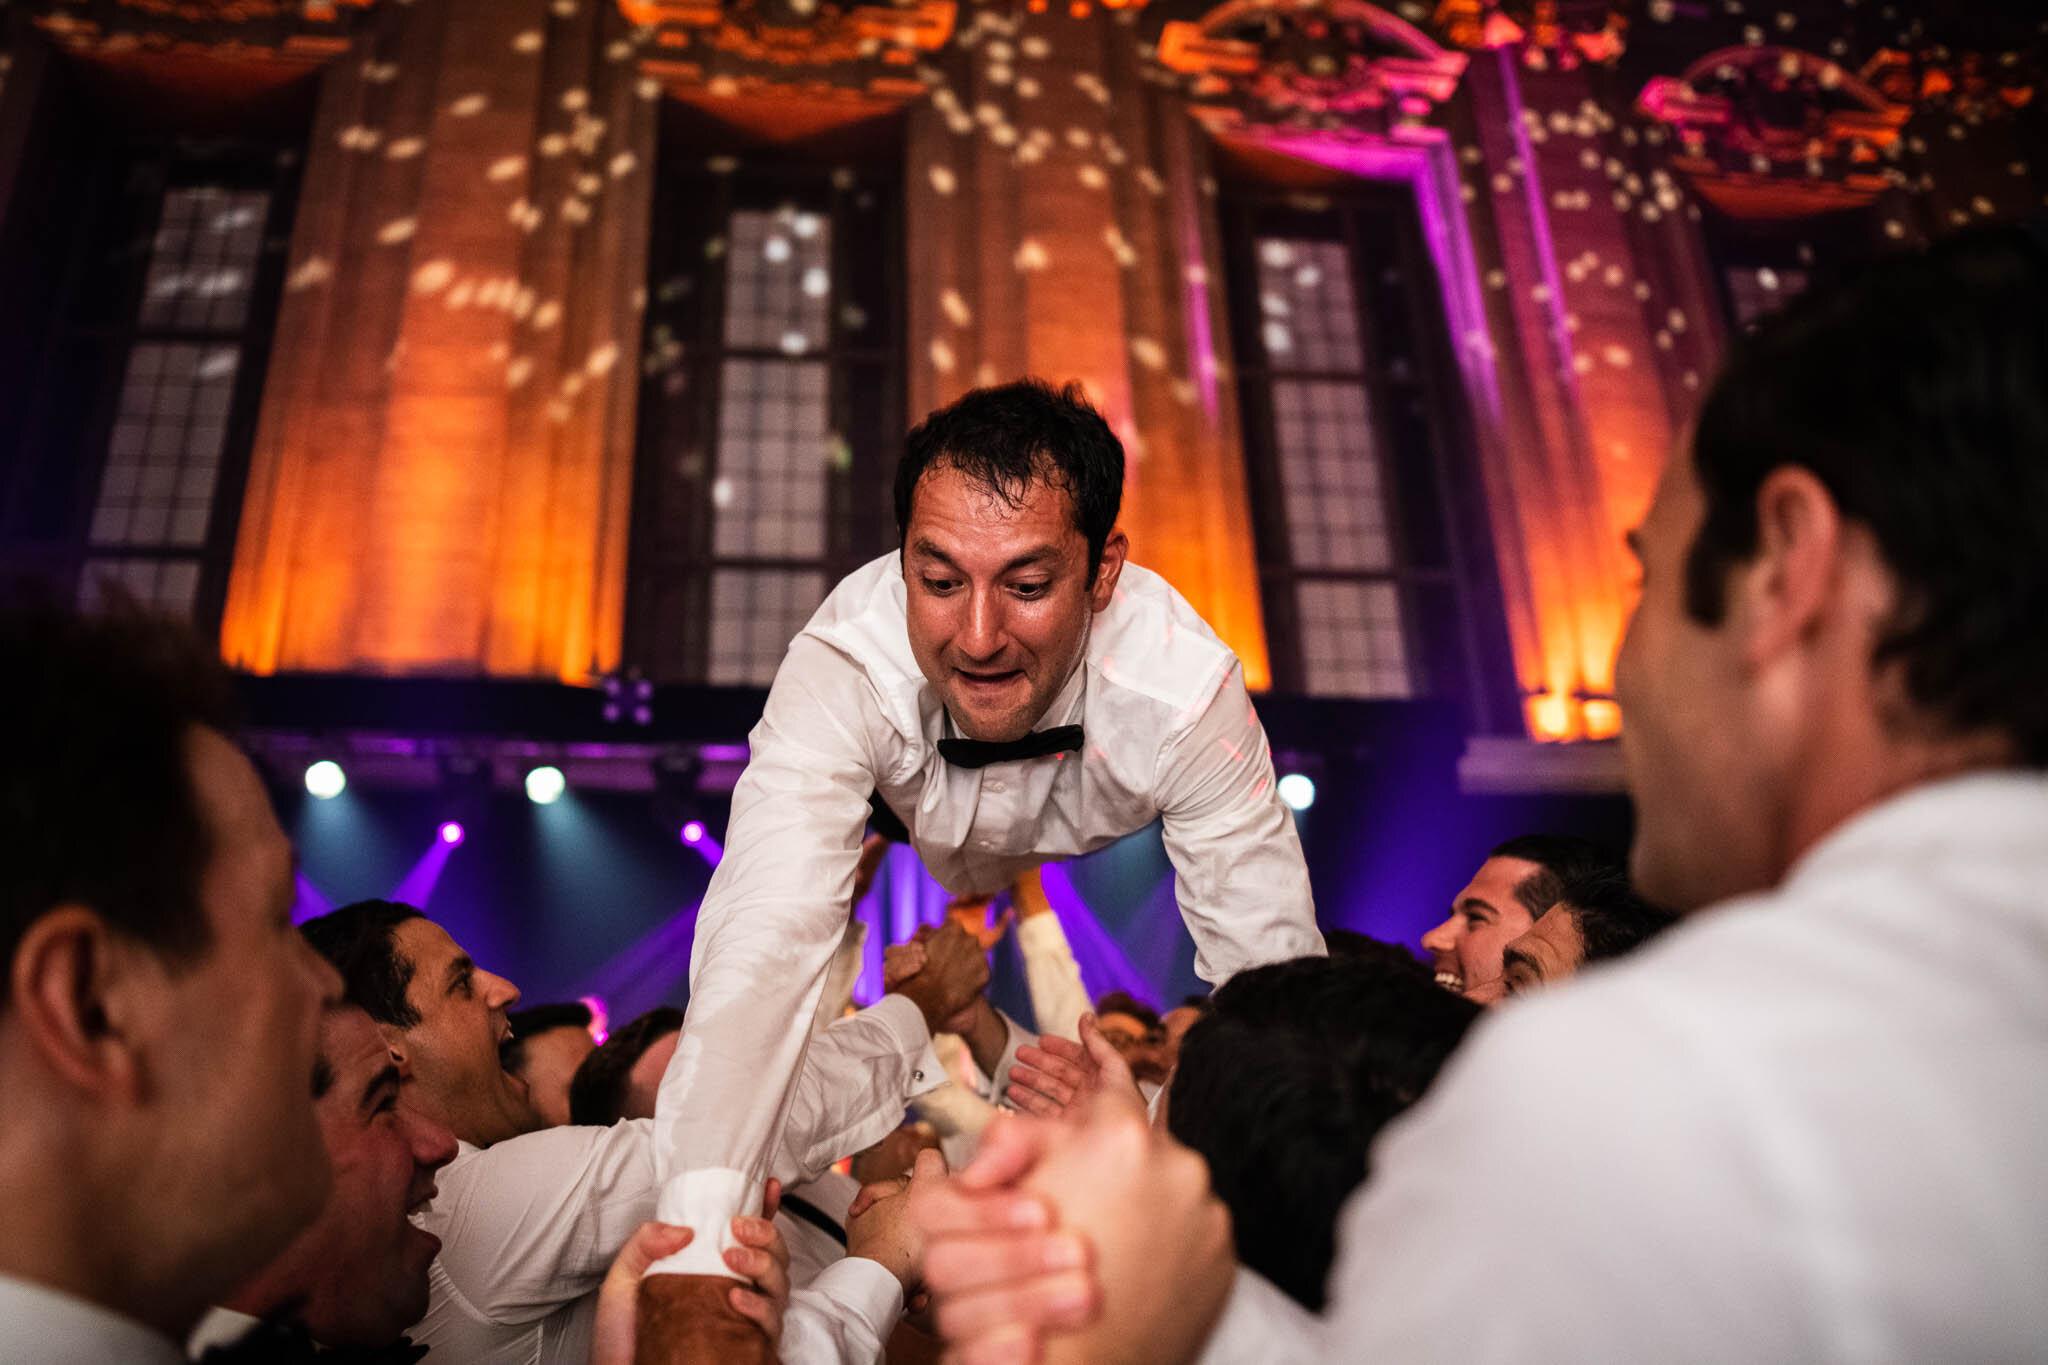 Montreal Wedding Photographer AshleyMacPhee (39 of 49).jpg